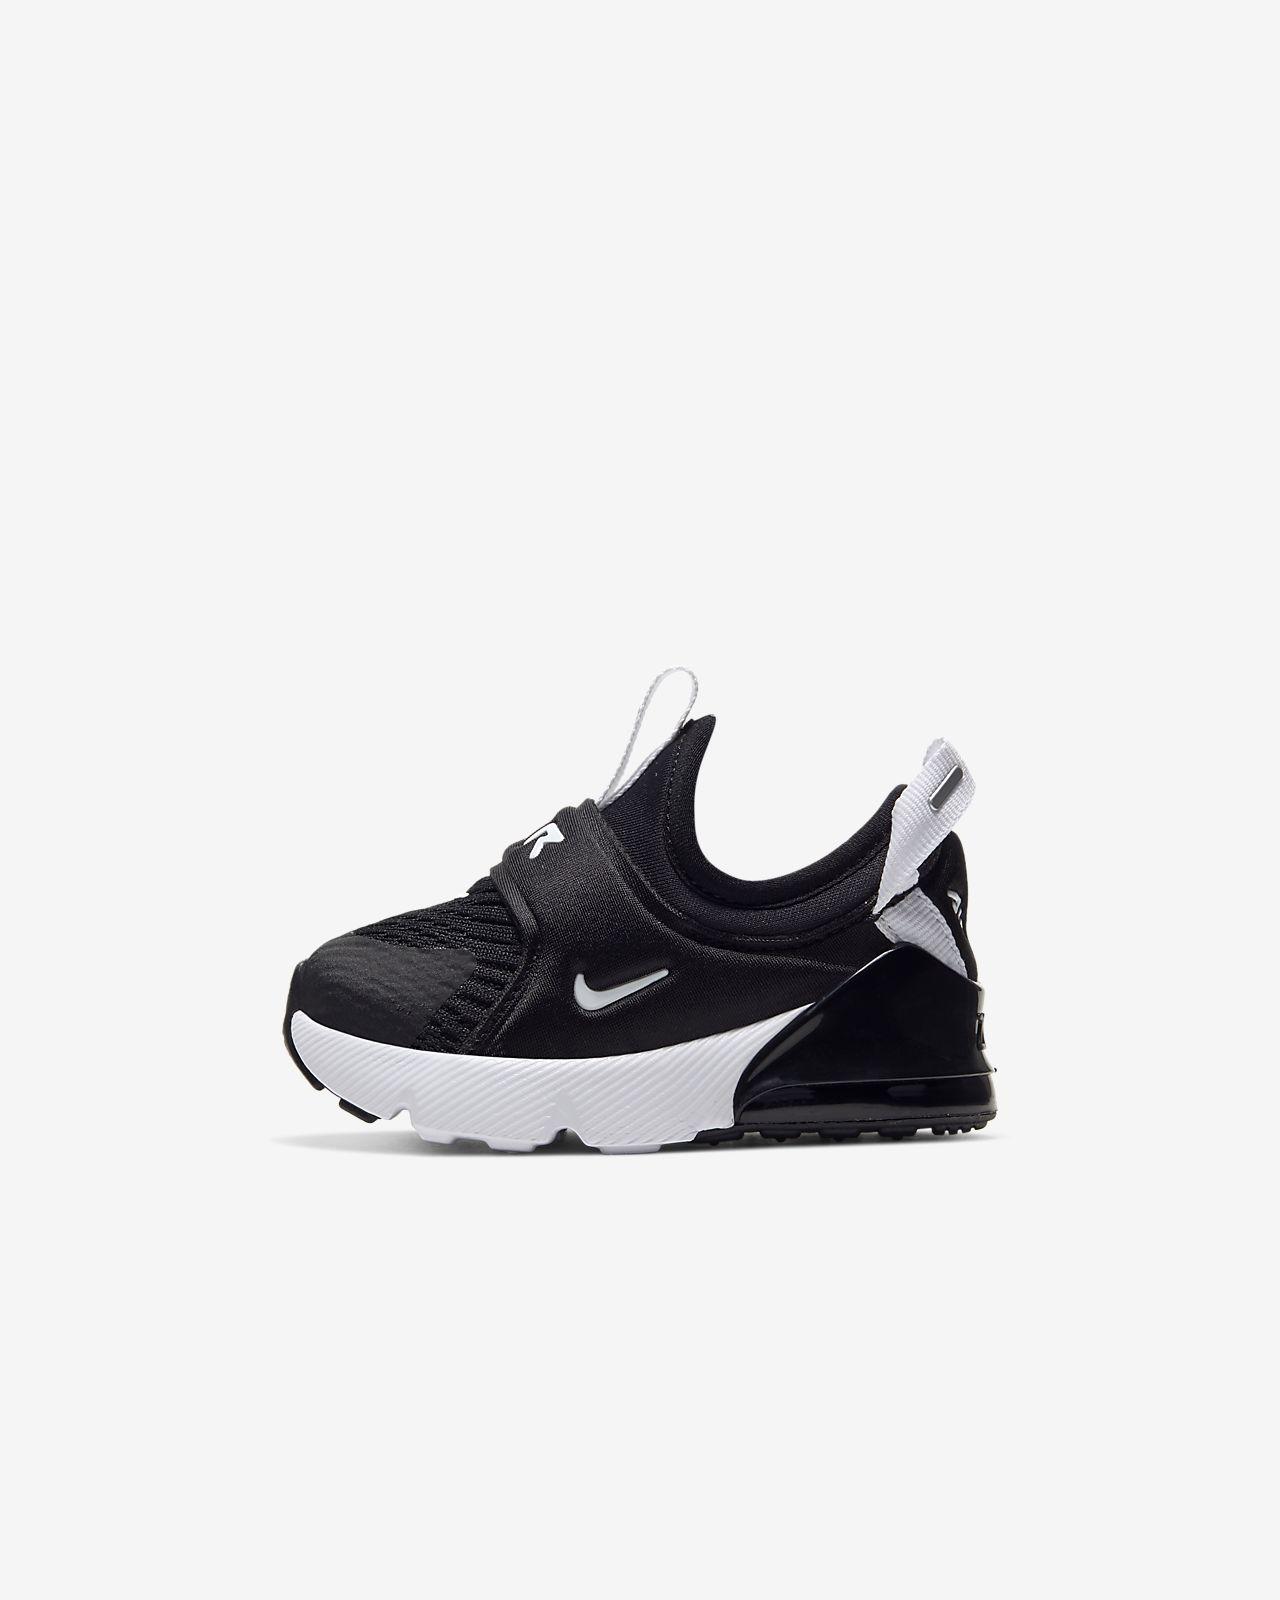 Nike Air Max 270 Extreme BabyToddler Shoe